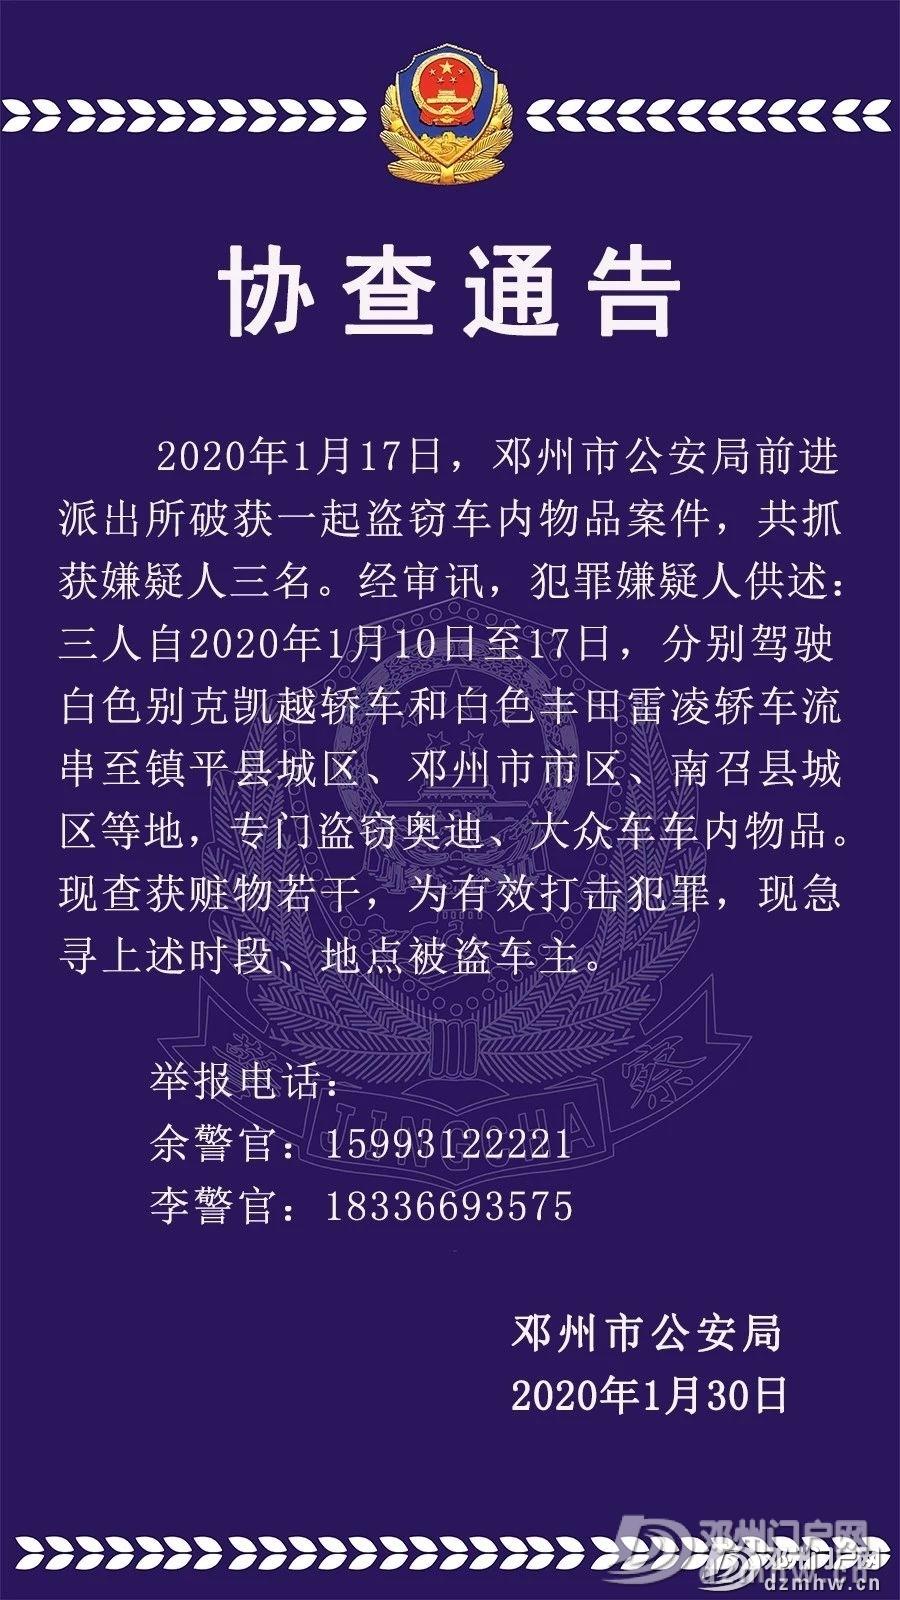 【协查通告】邓州市公安局前进派出所破获一起盗窃车内物品案件 - 邓州门户网|邓州网 - 7ffa29dad1b4d54ad925431d923e7343.jpg